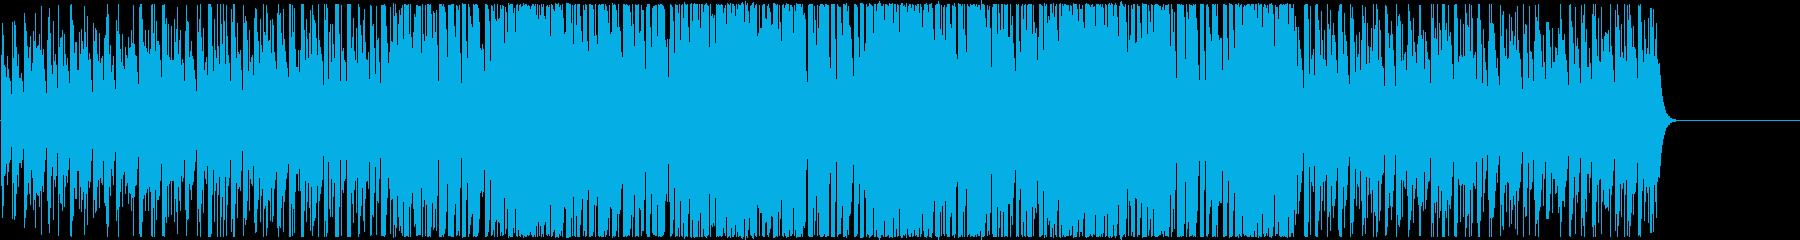 ゲームスタート前に最適な4つ打ちBGMの再生済みの波形